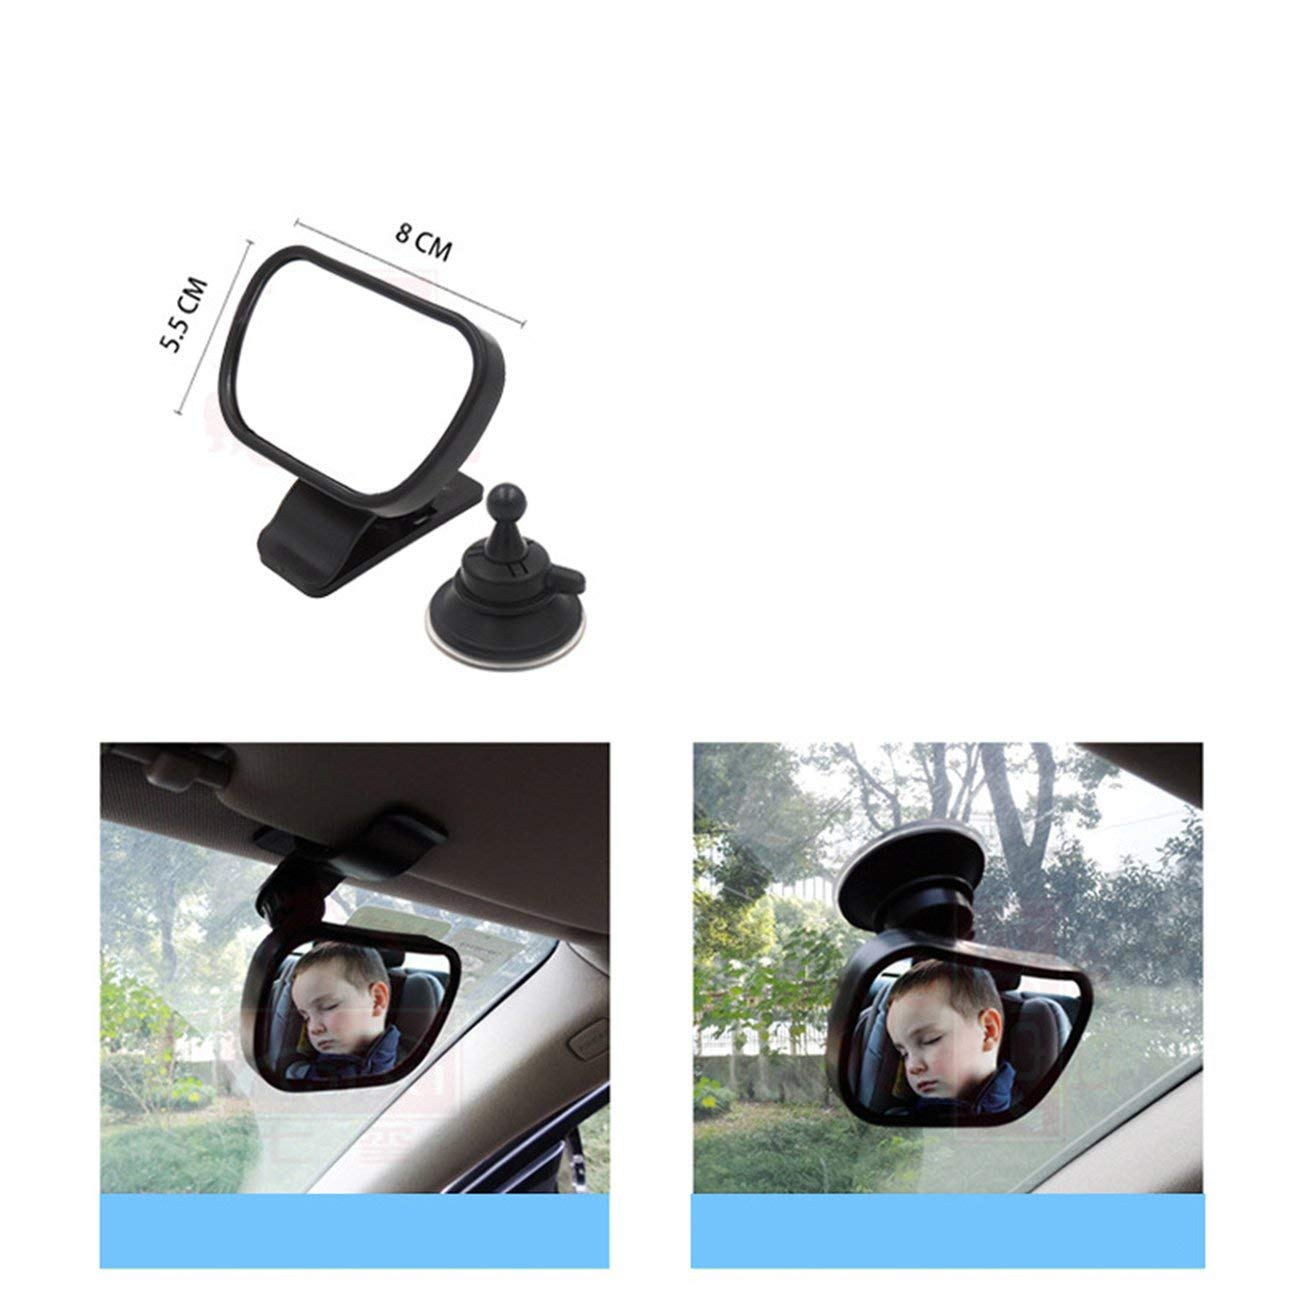 Specchietto retrovisore 2 in 1 per bambino Specchietto retrovisore interno nero